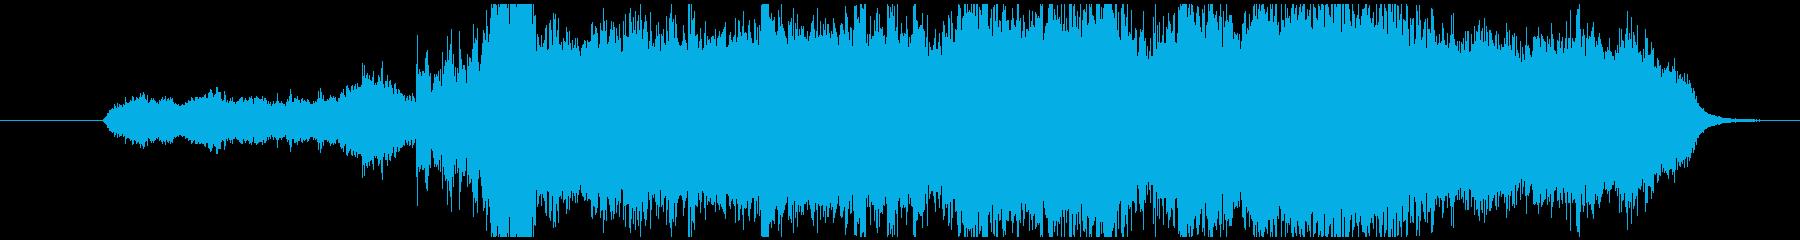 壮大なイメージのクラシック音楽の再生済みの波形